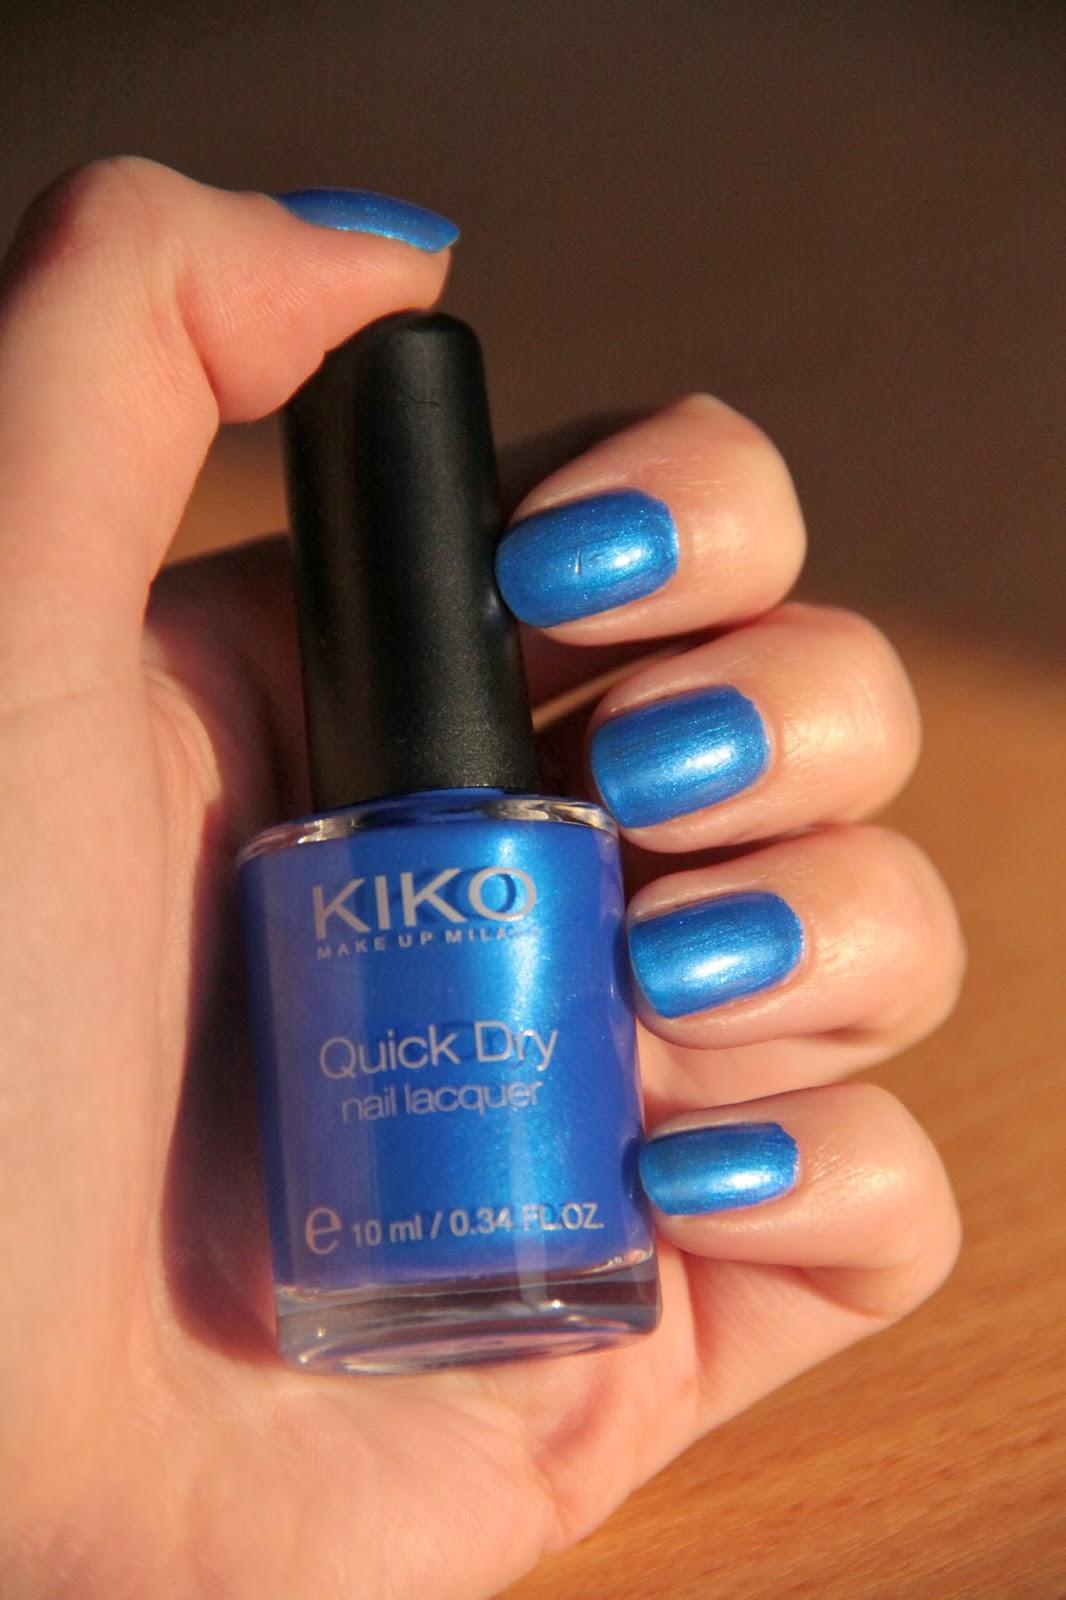 Vernis Kiko bleu électrique quick dry 830 metallic blue